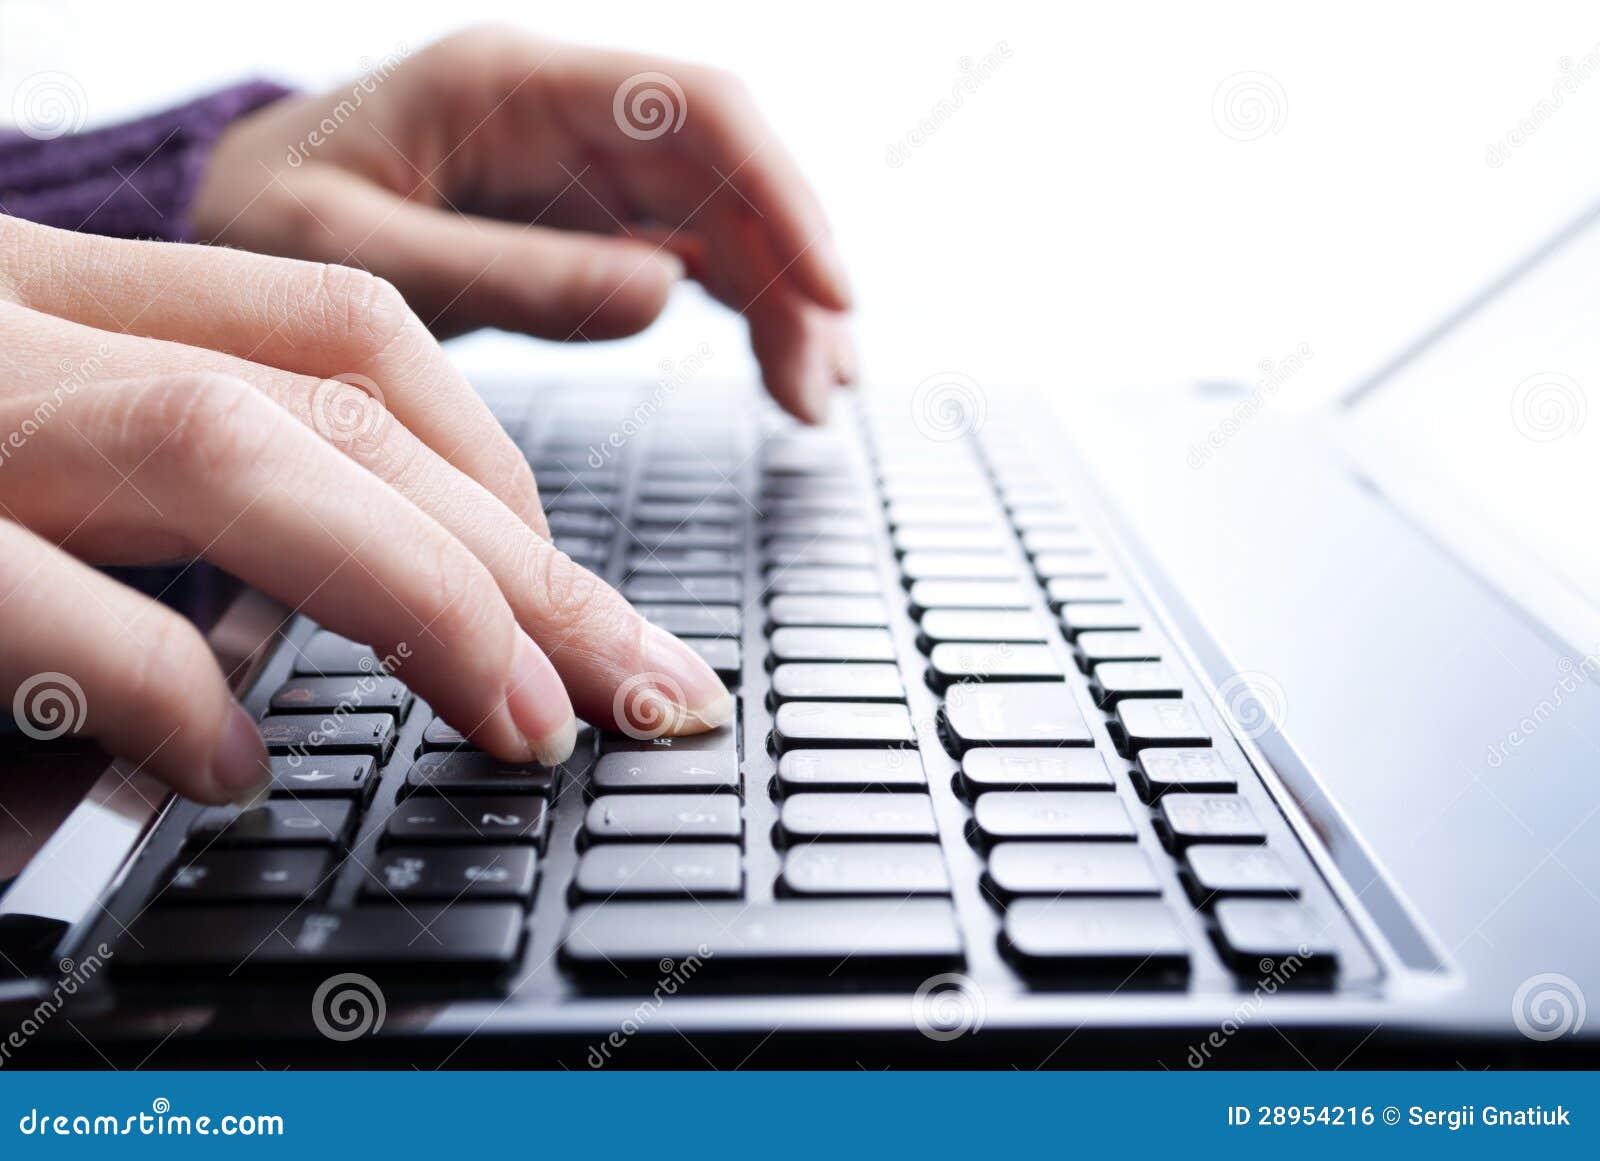 Pisać na laptopie